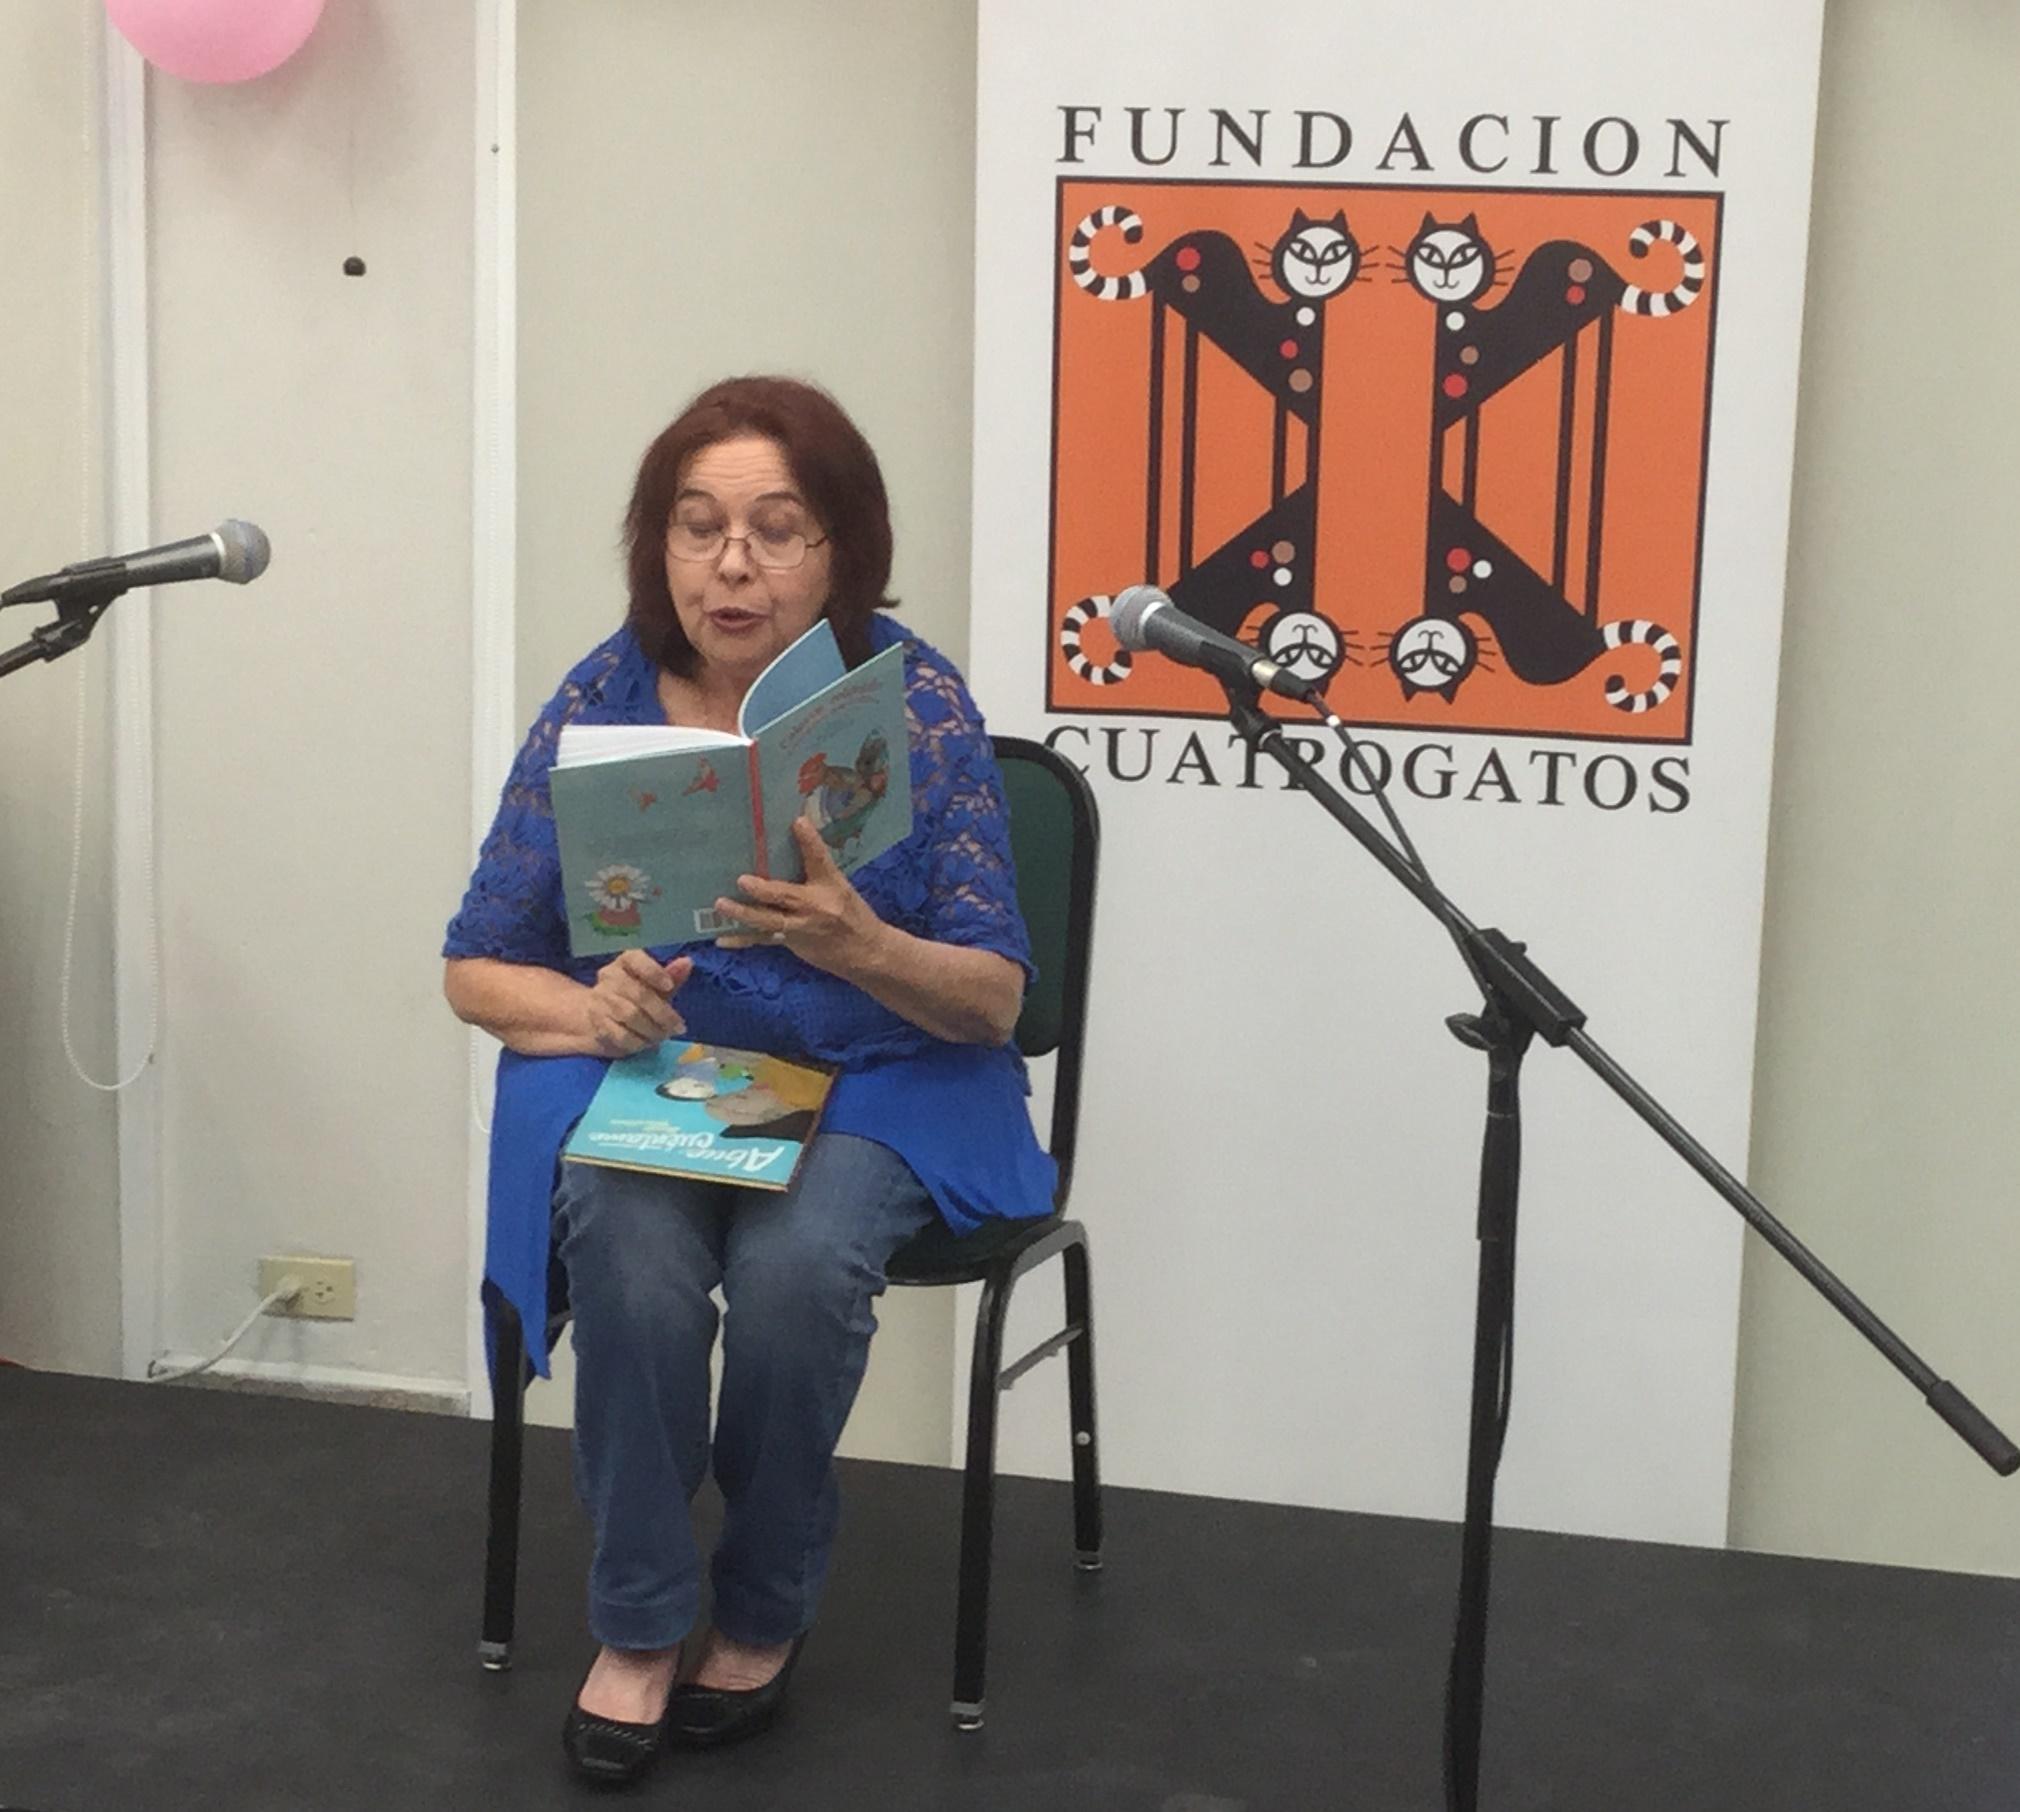 Daisy Fontao Fiesta de la Lectura 2015 Fundacion Cuatrogatos